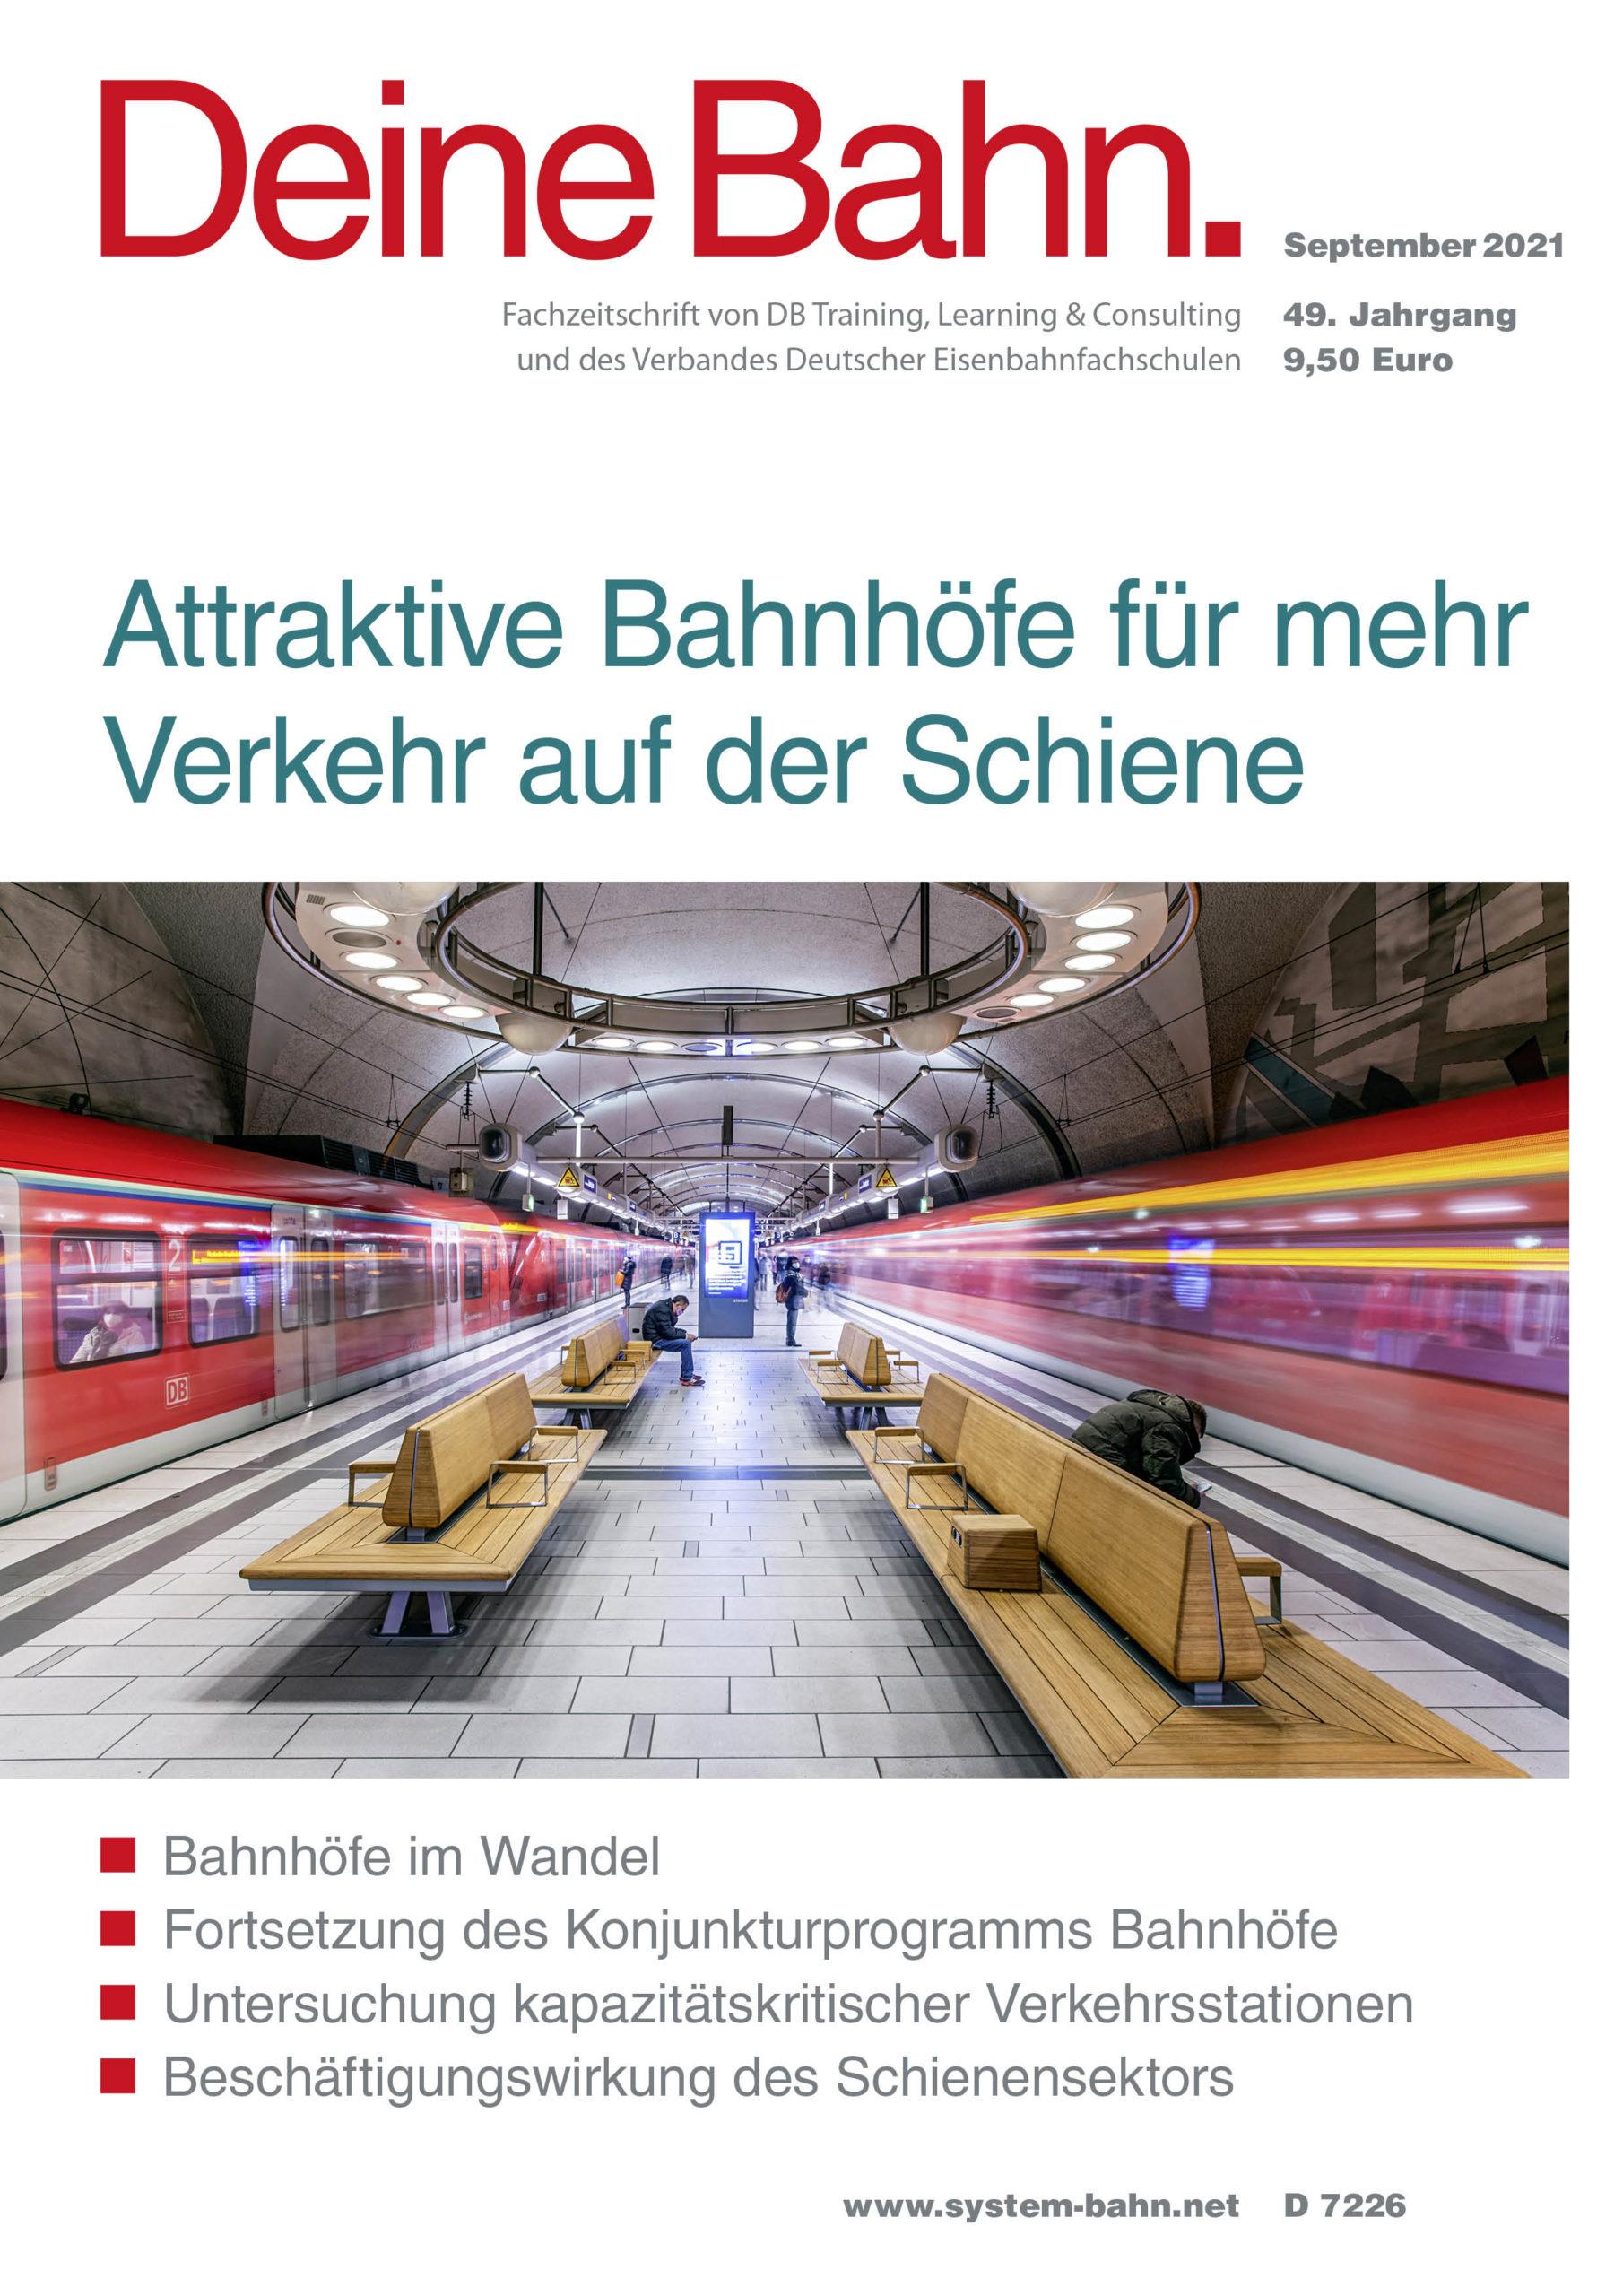 Umschlagmotiv Fachzeitschrift Deine Bahn September 2021